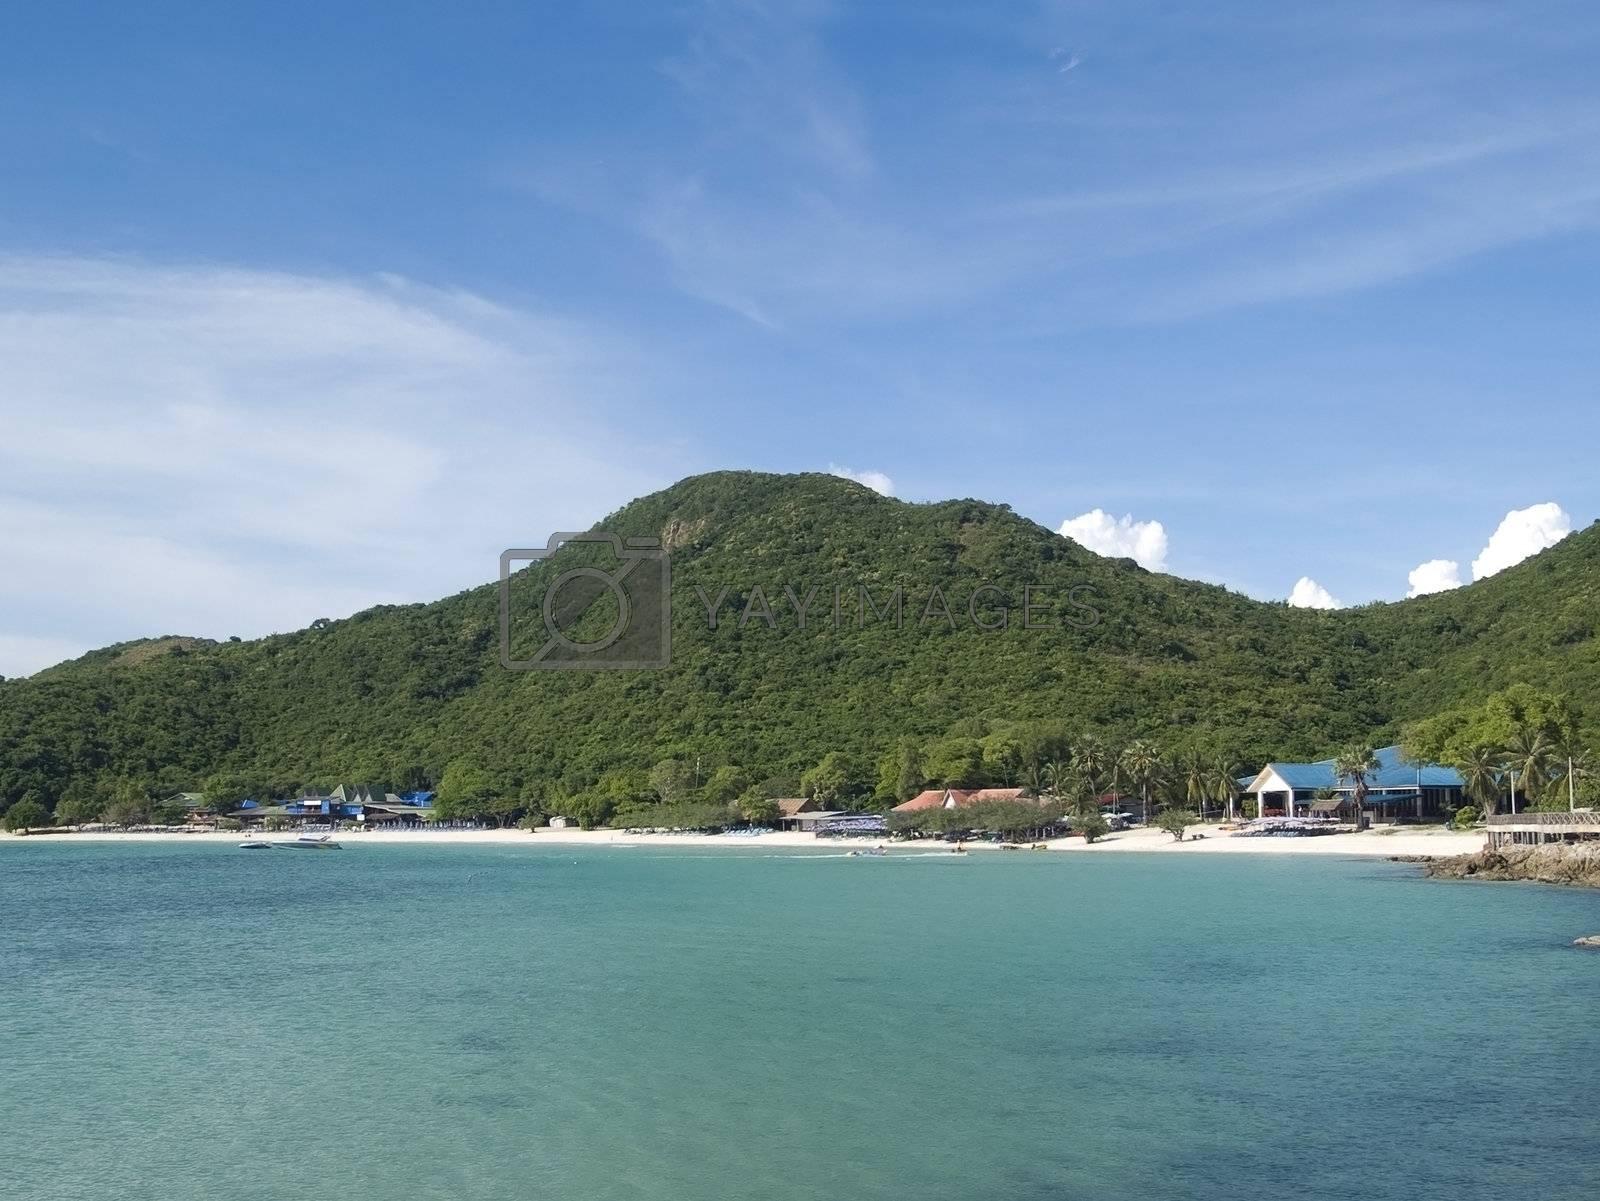 Beach on tropical island by epixx